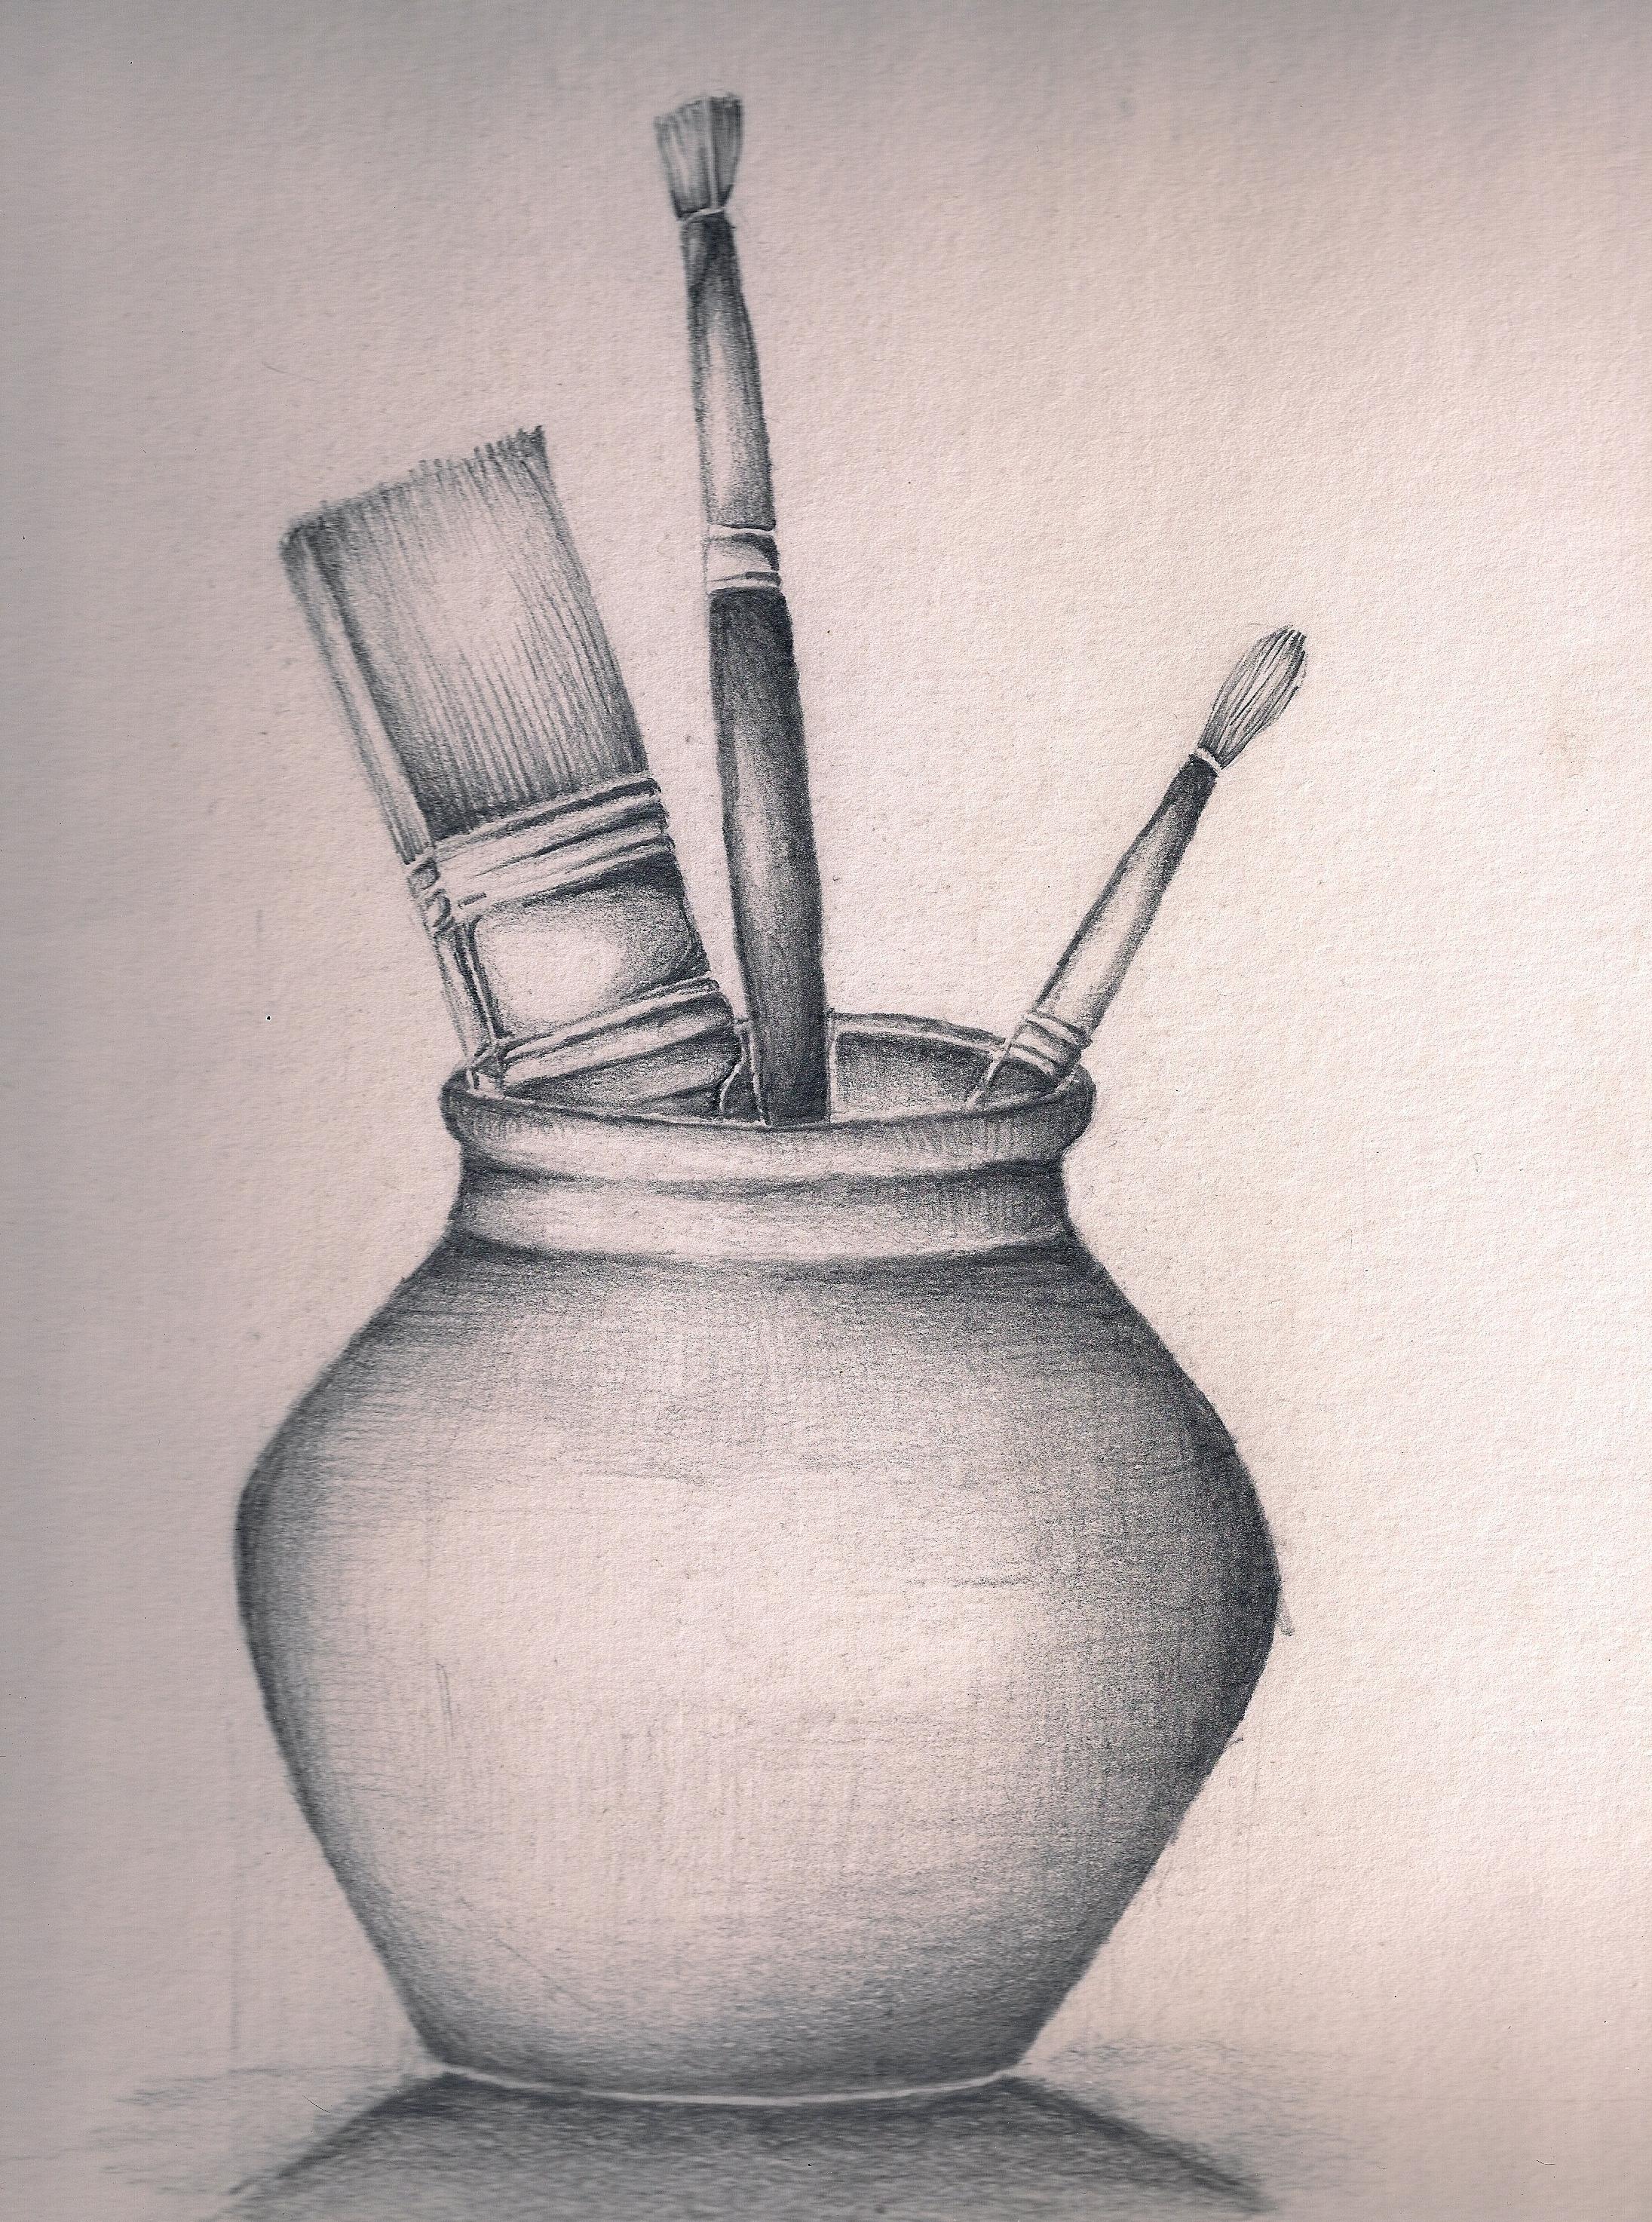 2191x2947 Still Life Black And White Drawing Sketch Still Life Easy Still